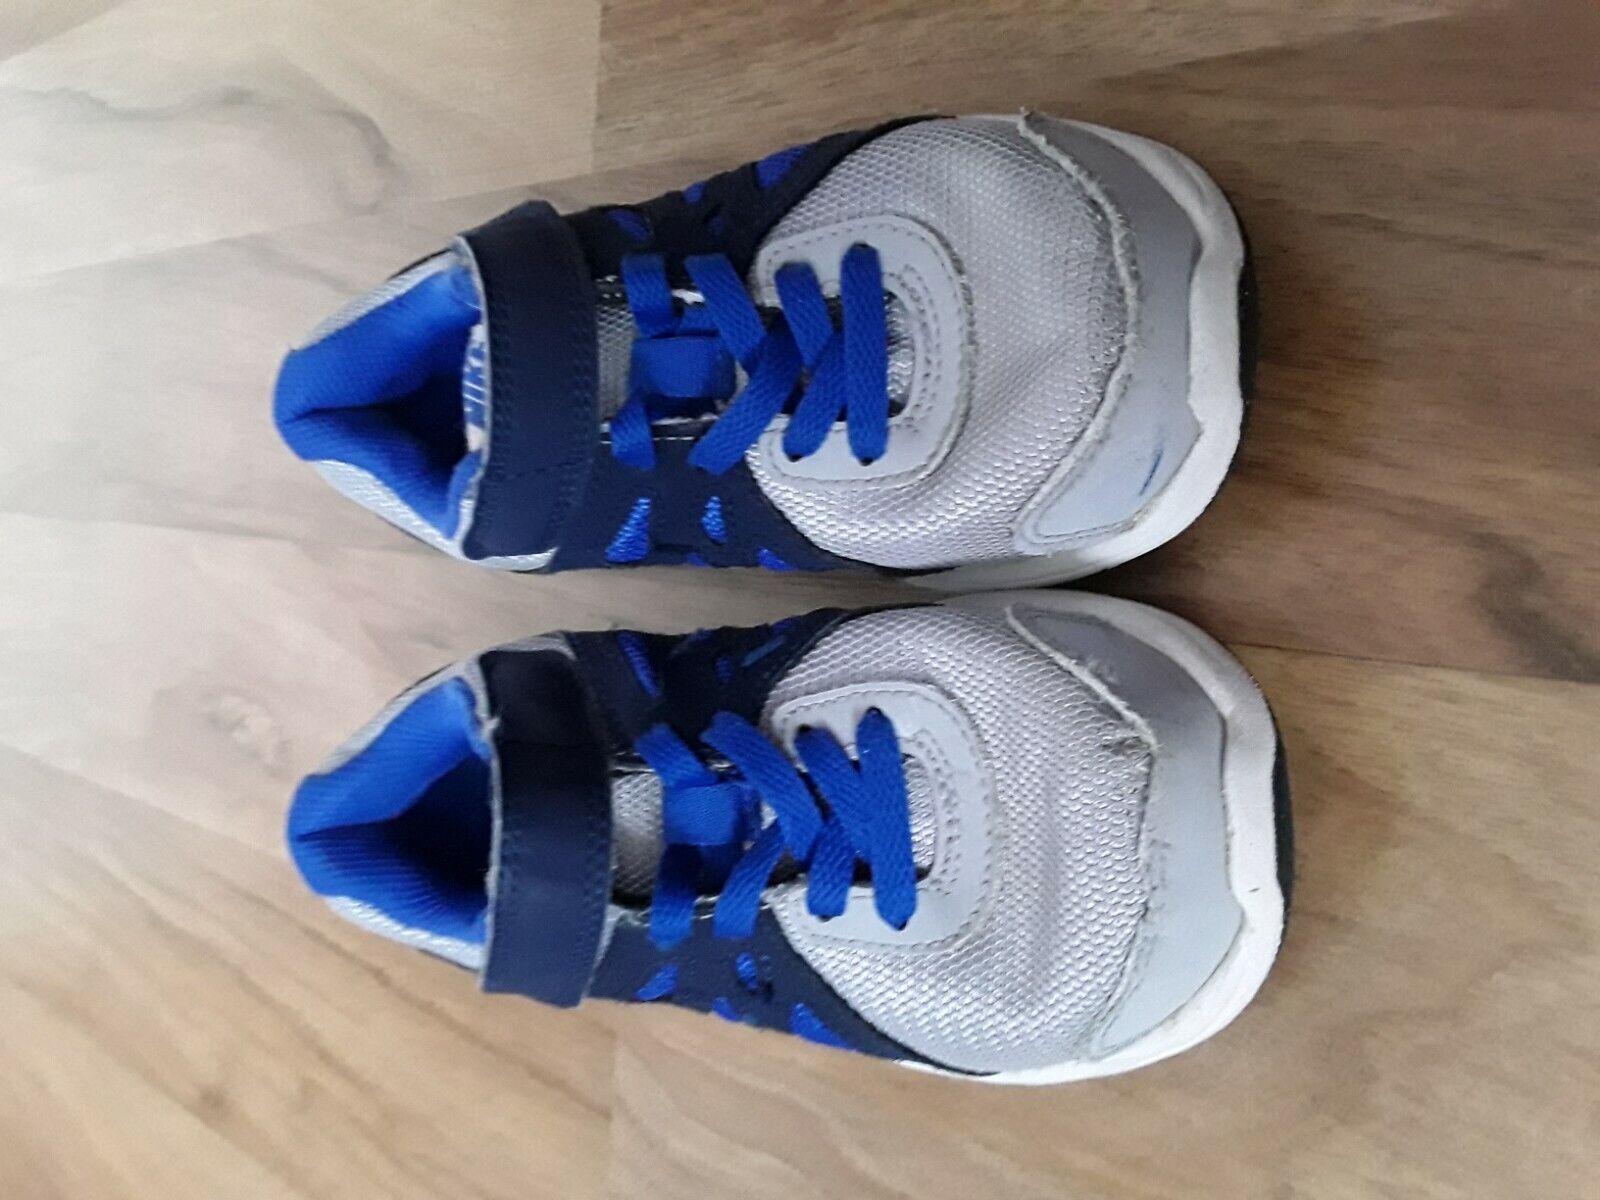 langlebig im einsatz schön Design Herbst Schuhe Sportschuhe 28 Jungen Nike Test Vergleich +++ Sportschuhe 28 ...